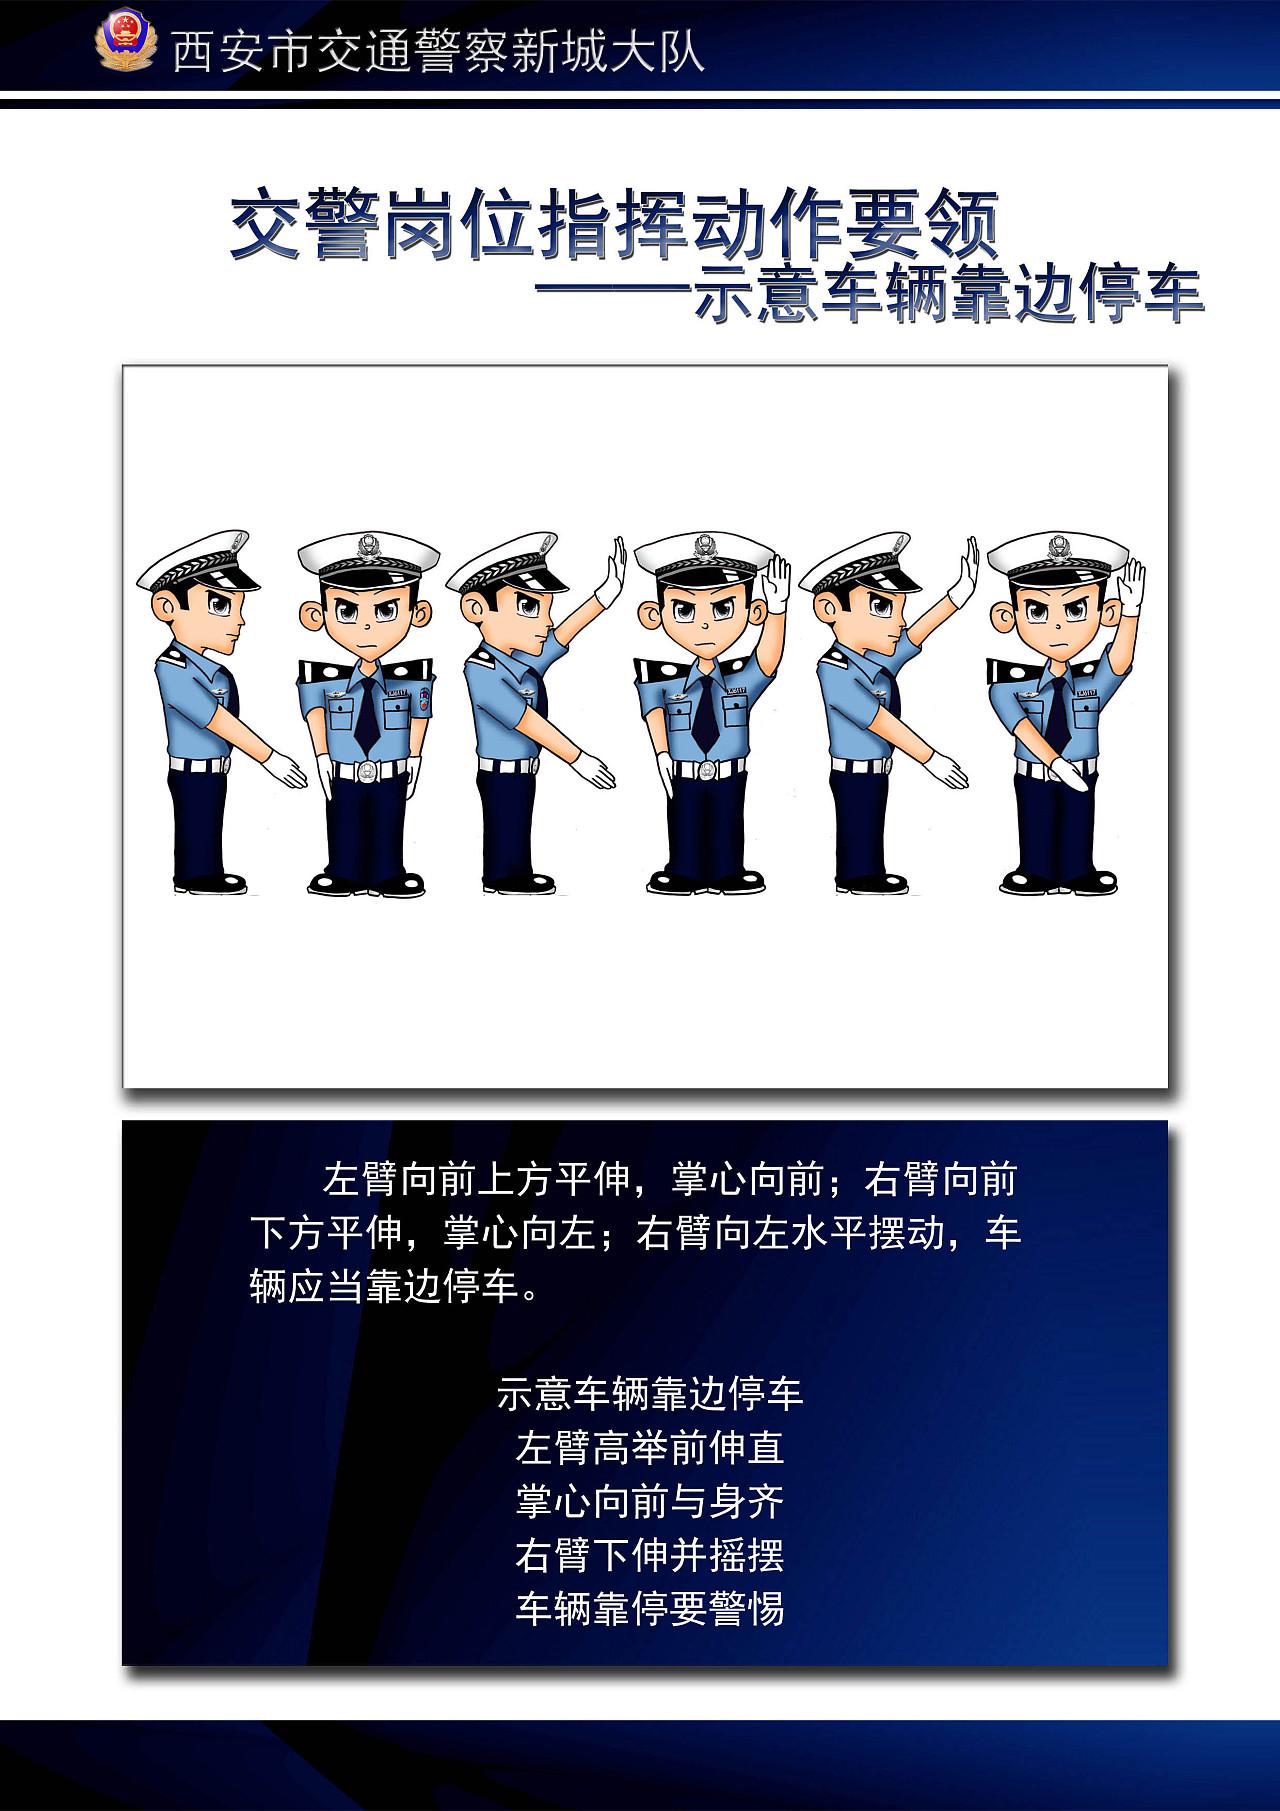 卡通交警指挥手势